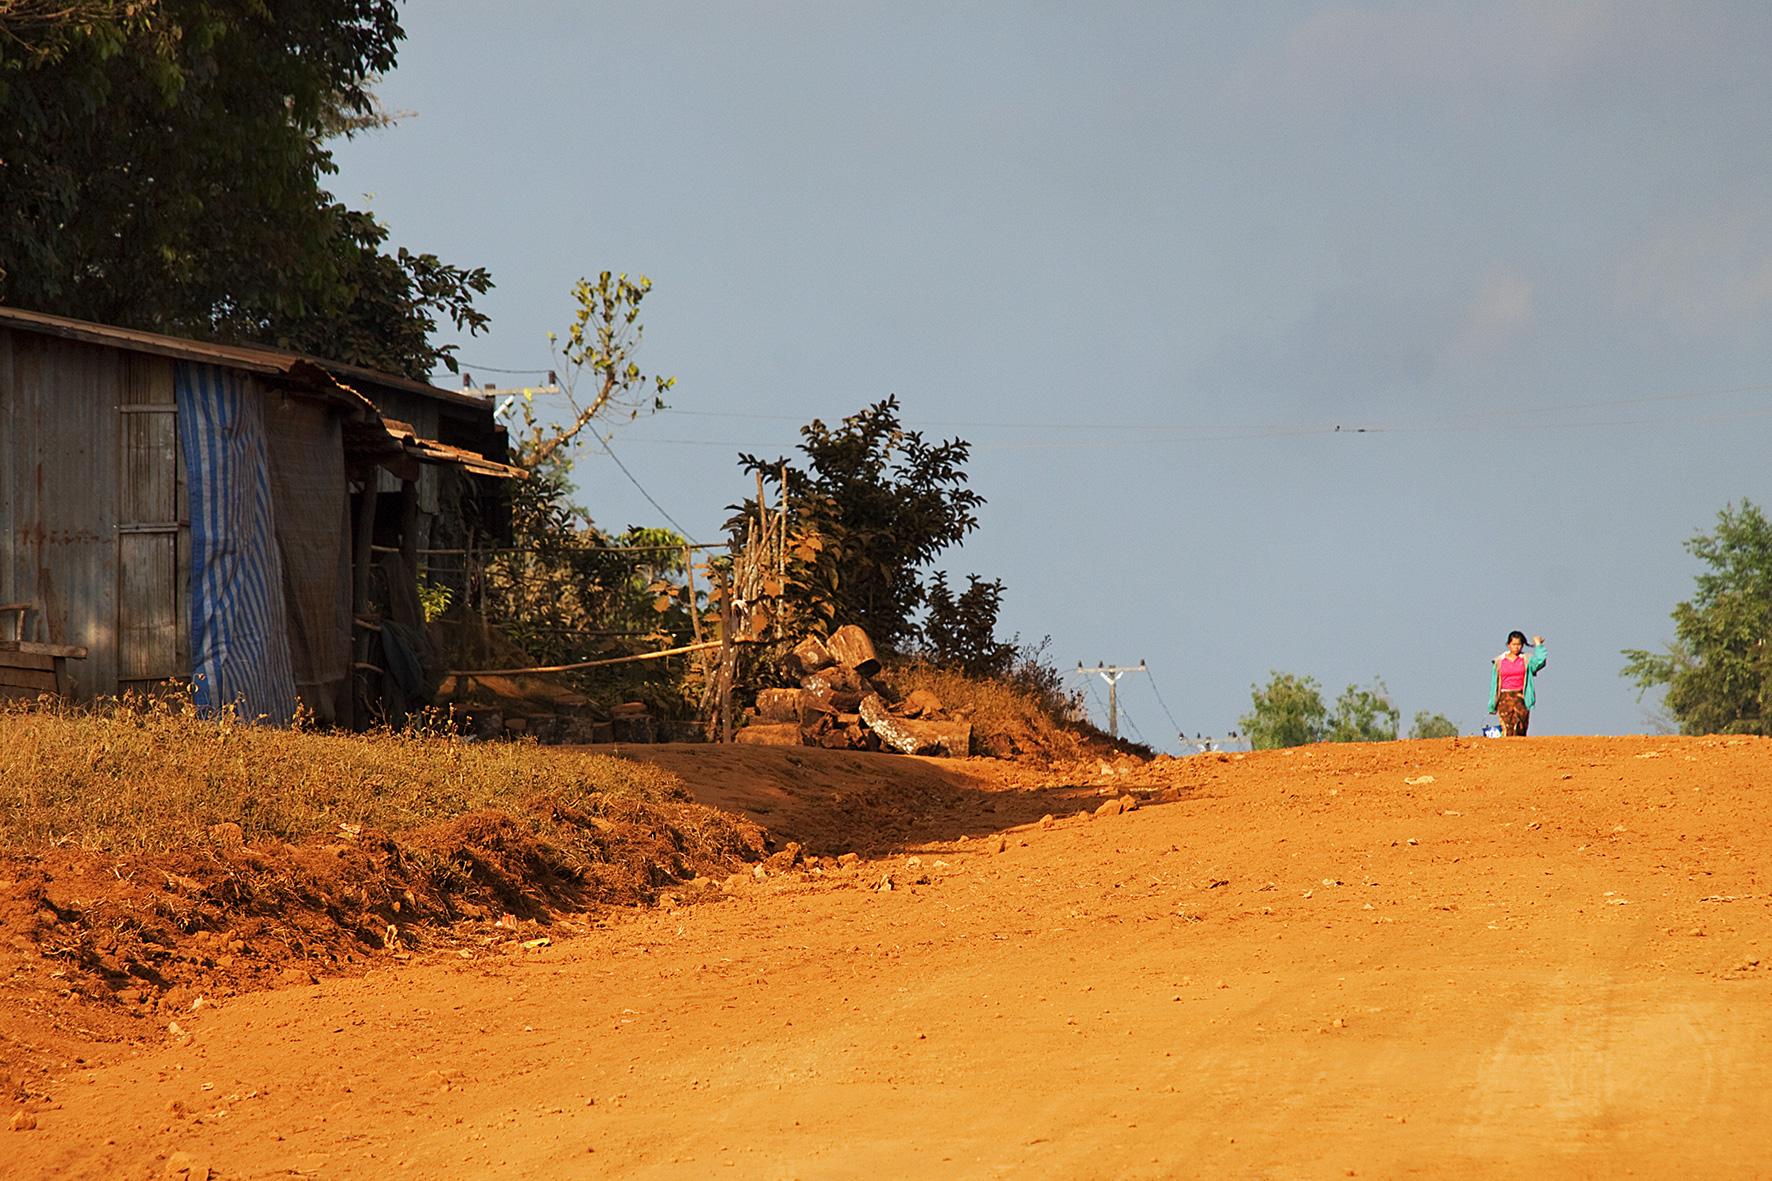 Laos, Bolovens. 2009